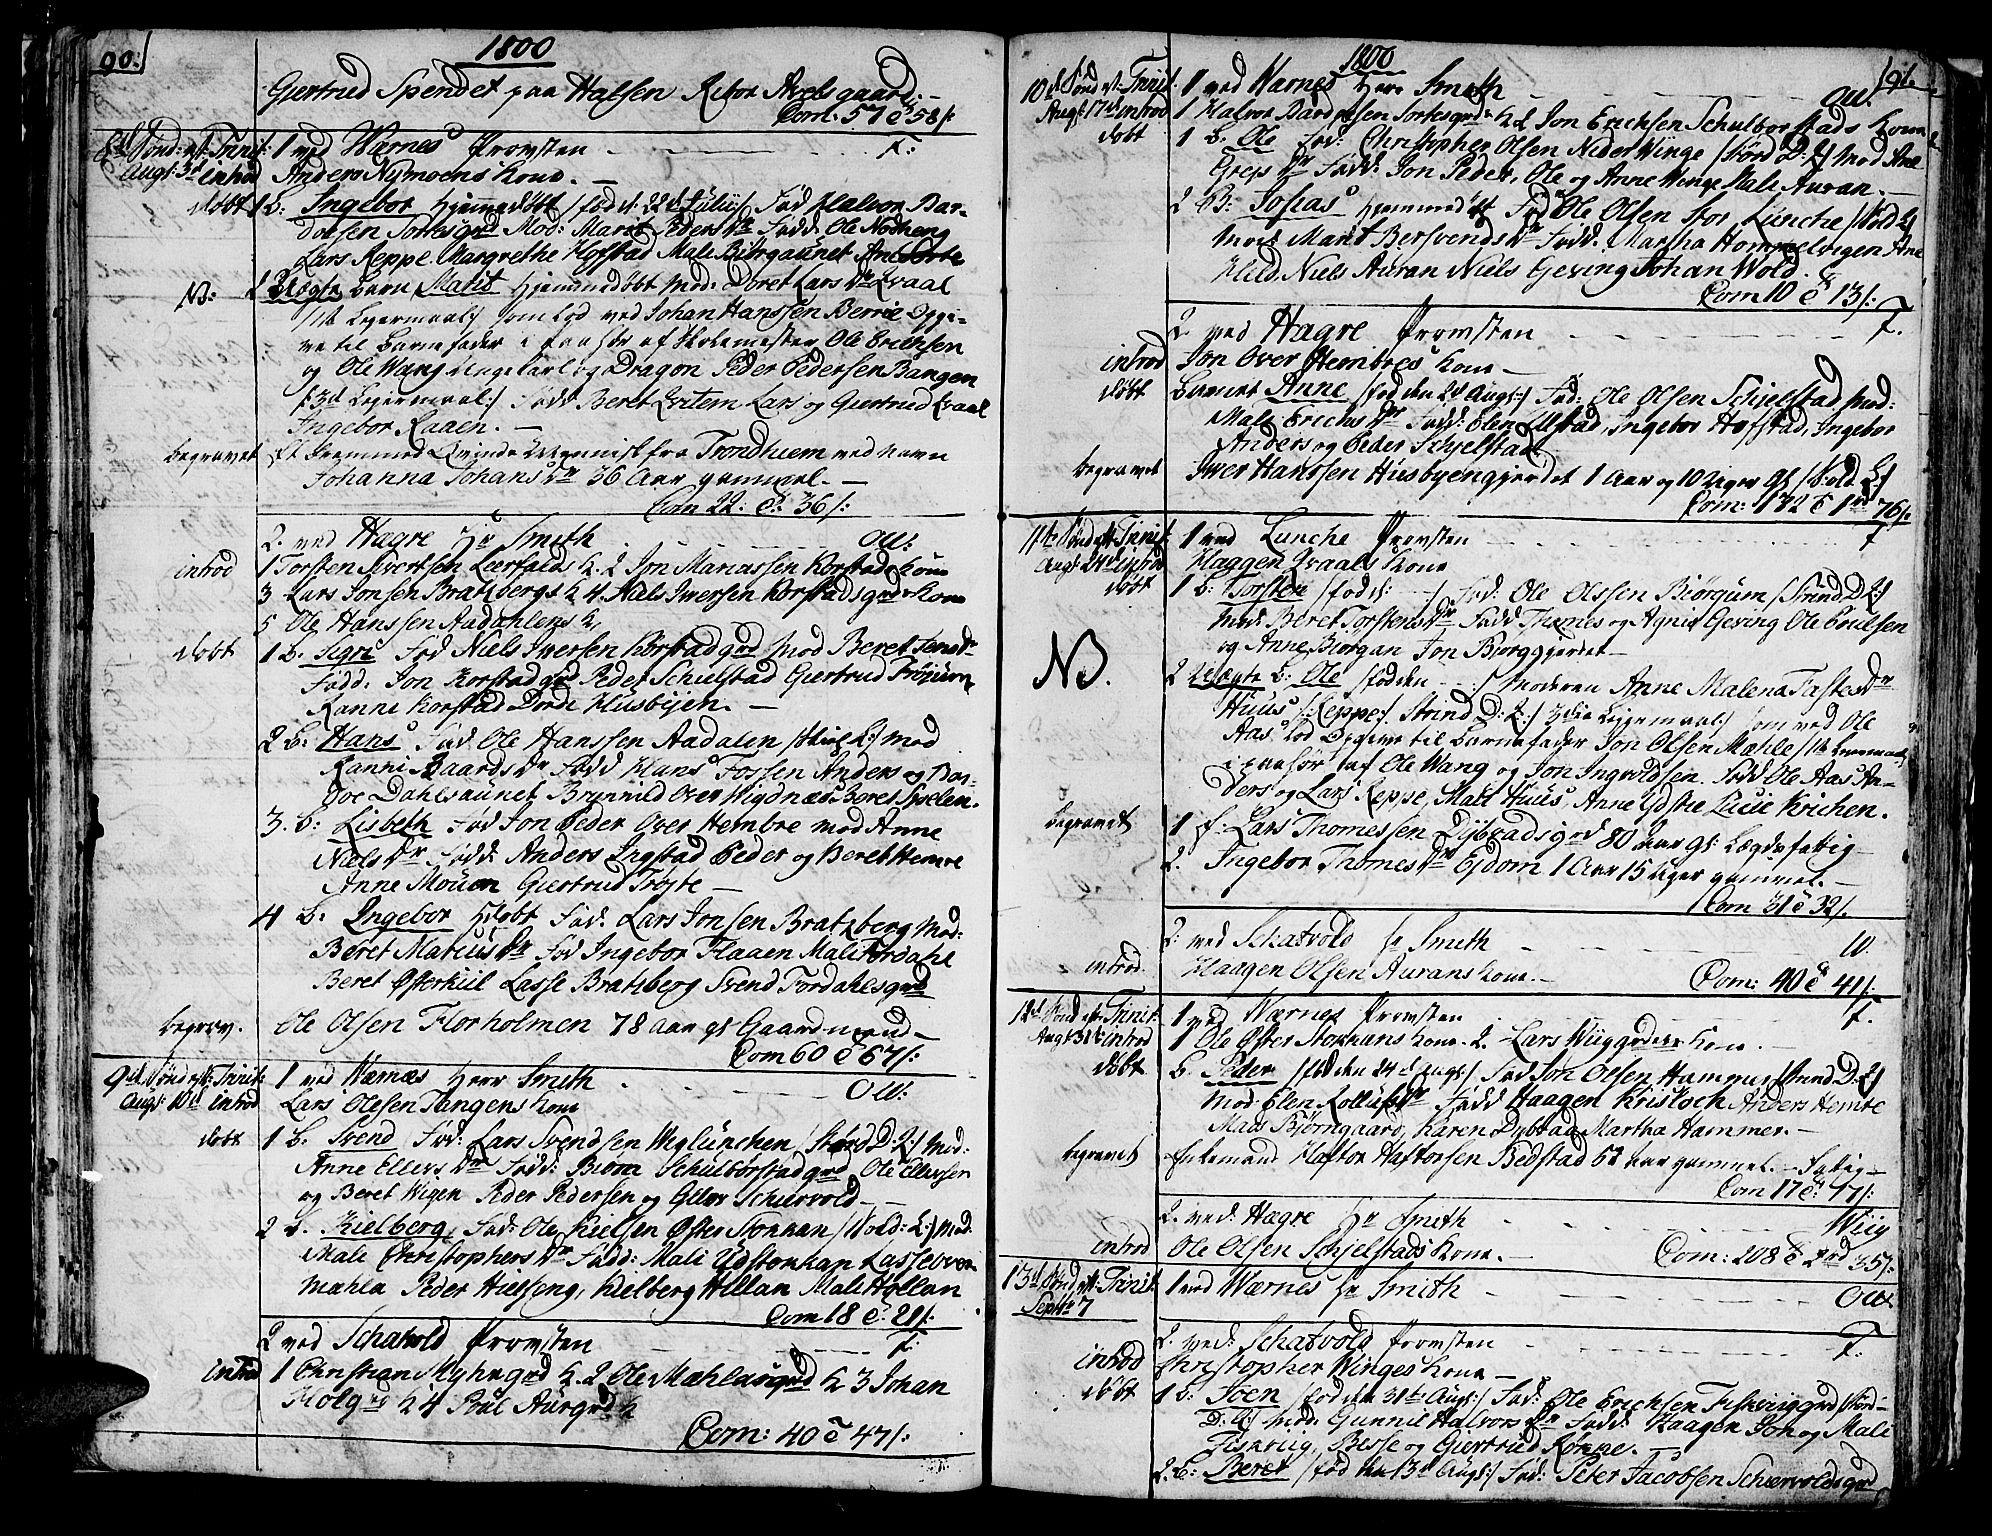 SAT, Ministerialprotokoller, klokkerbøker og fødselsregistre - Nord-Trøndelag, 709/L0060: Parish register (official) no. 709A07, 1797-1815, p. 90-91